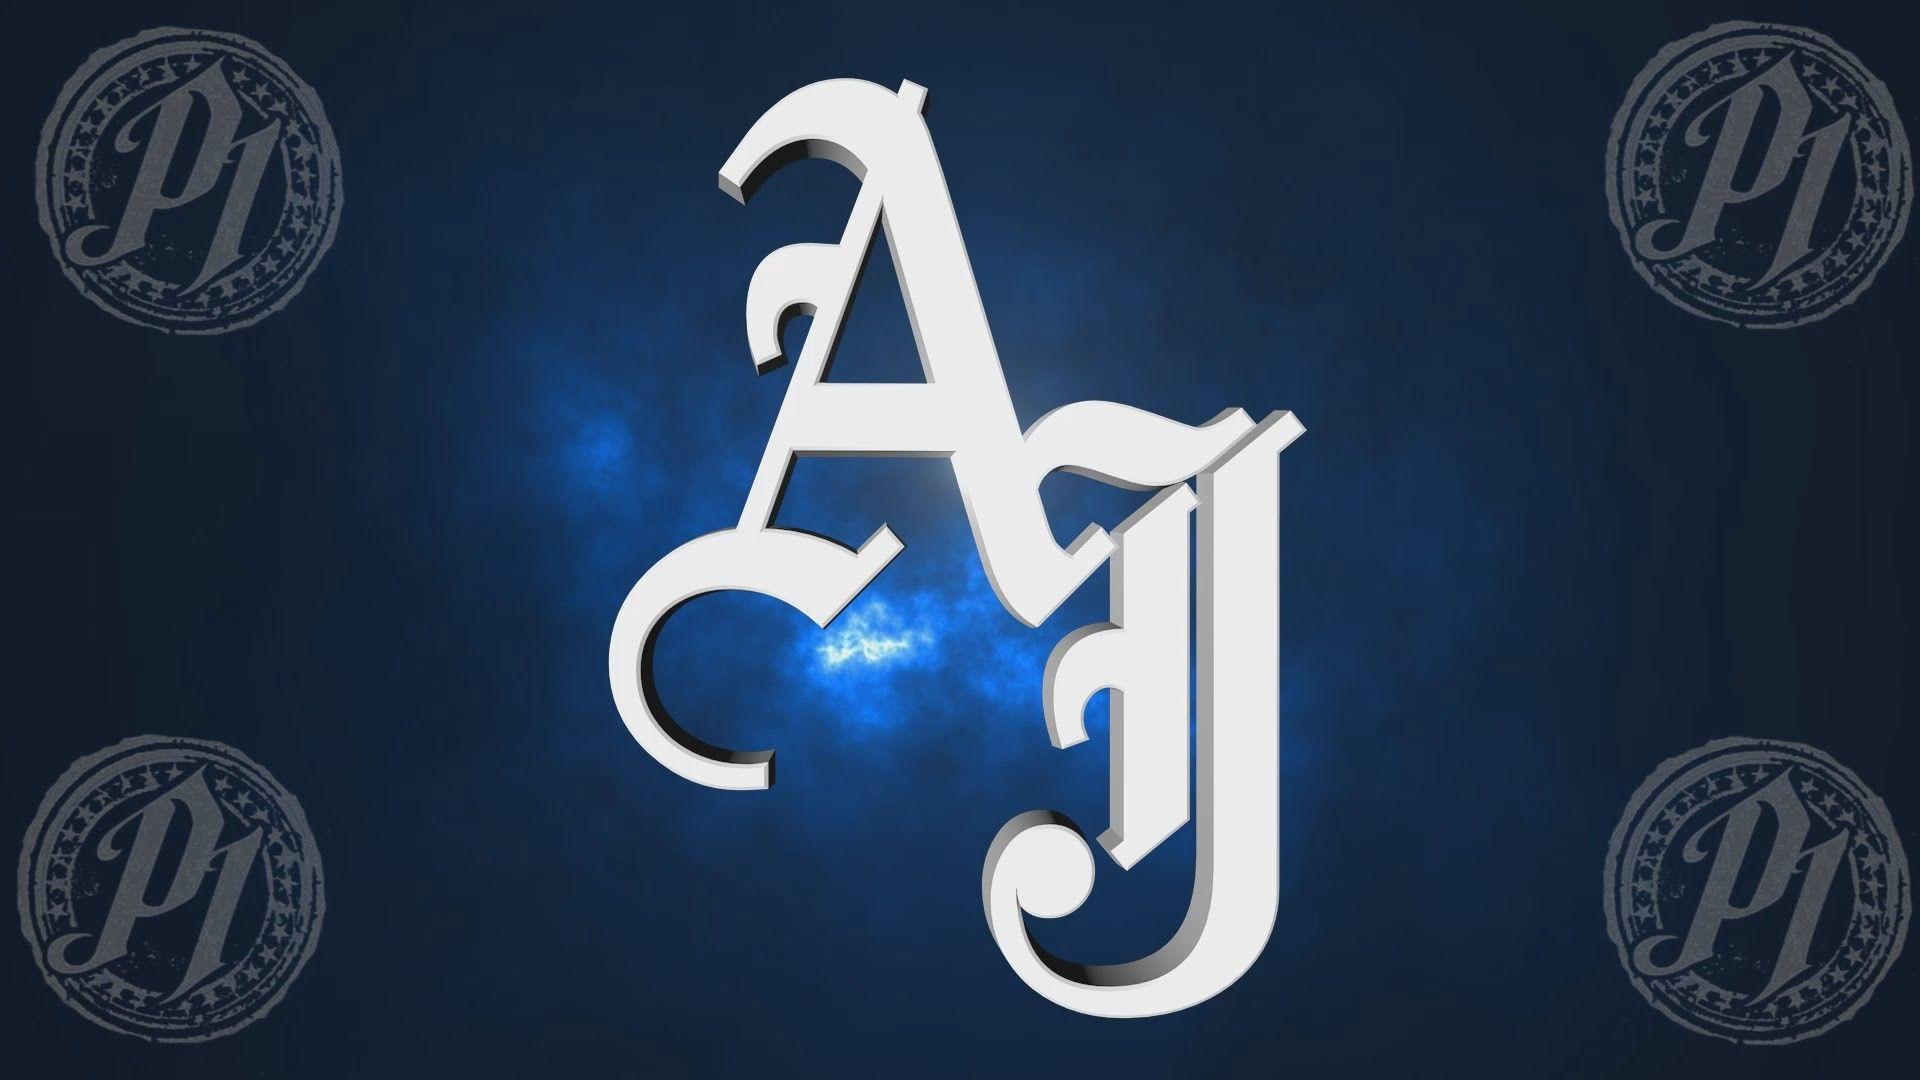 Best Of Aj Styles Wallpaper Phone Aj Styles Hd Wallpaper Tattoo Lettering Styles